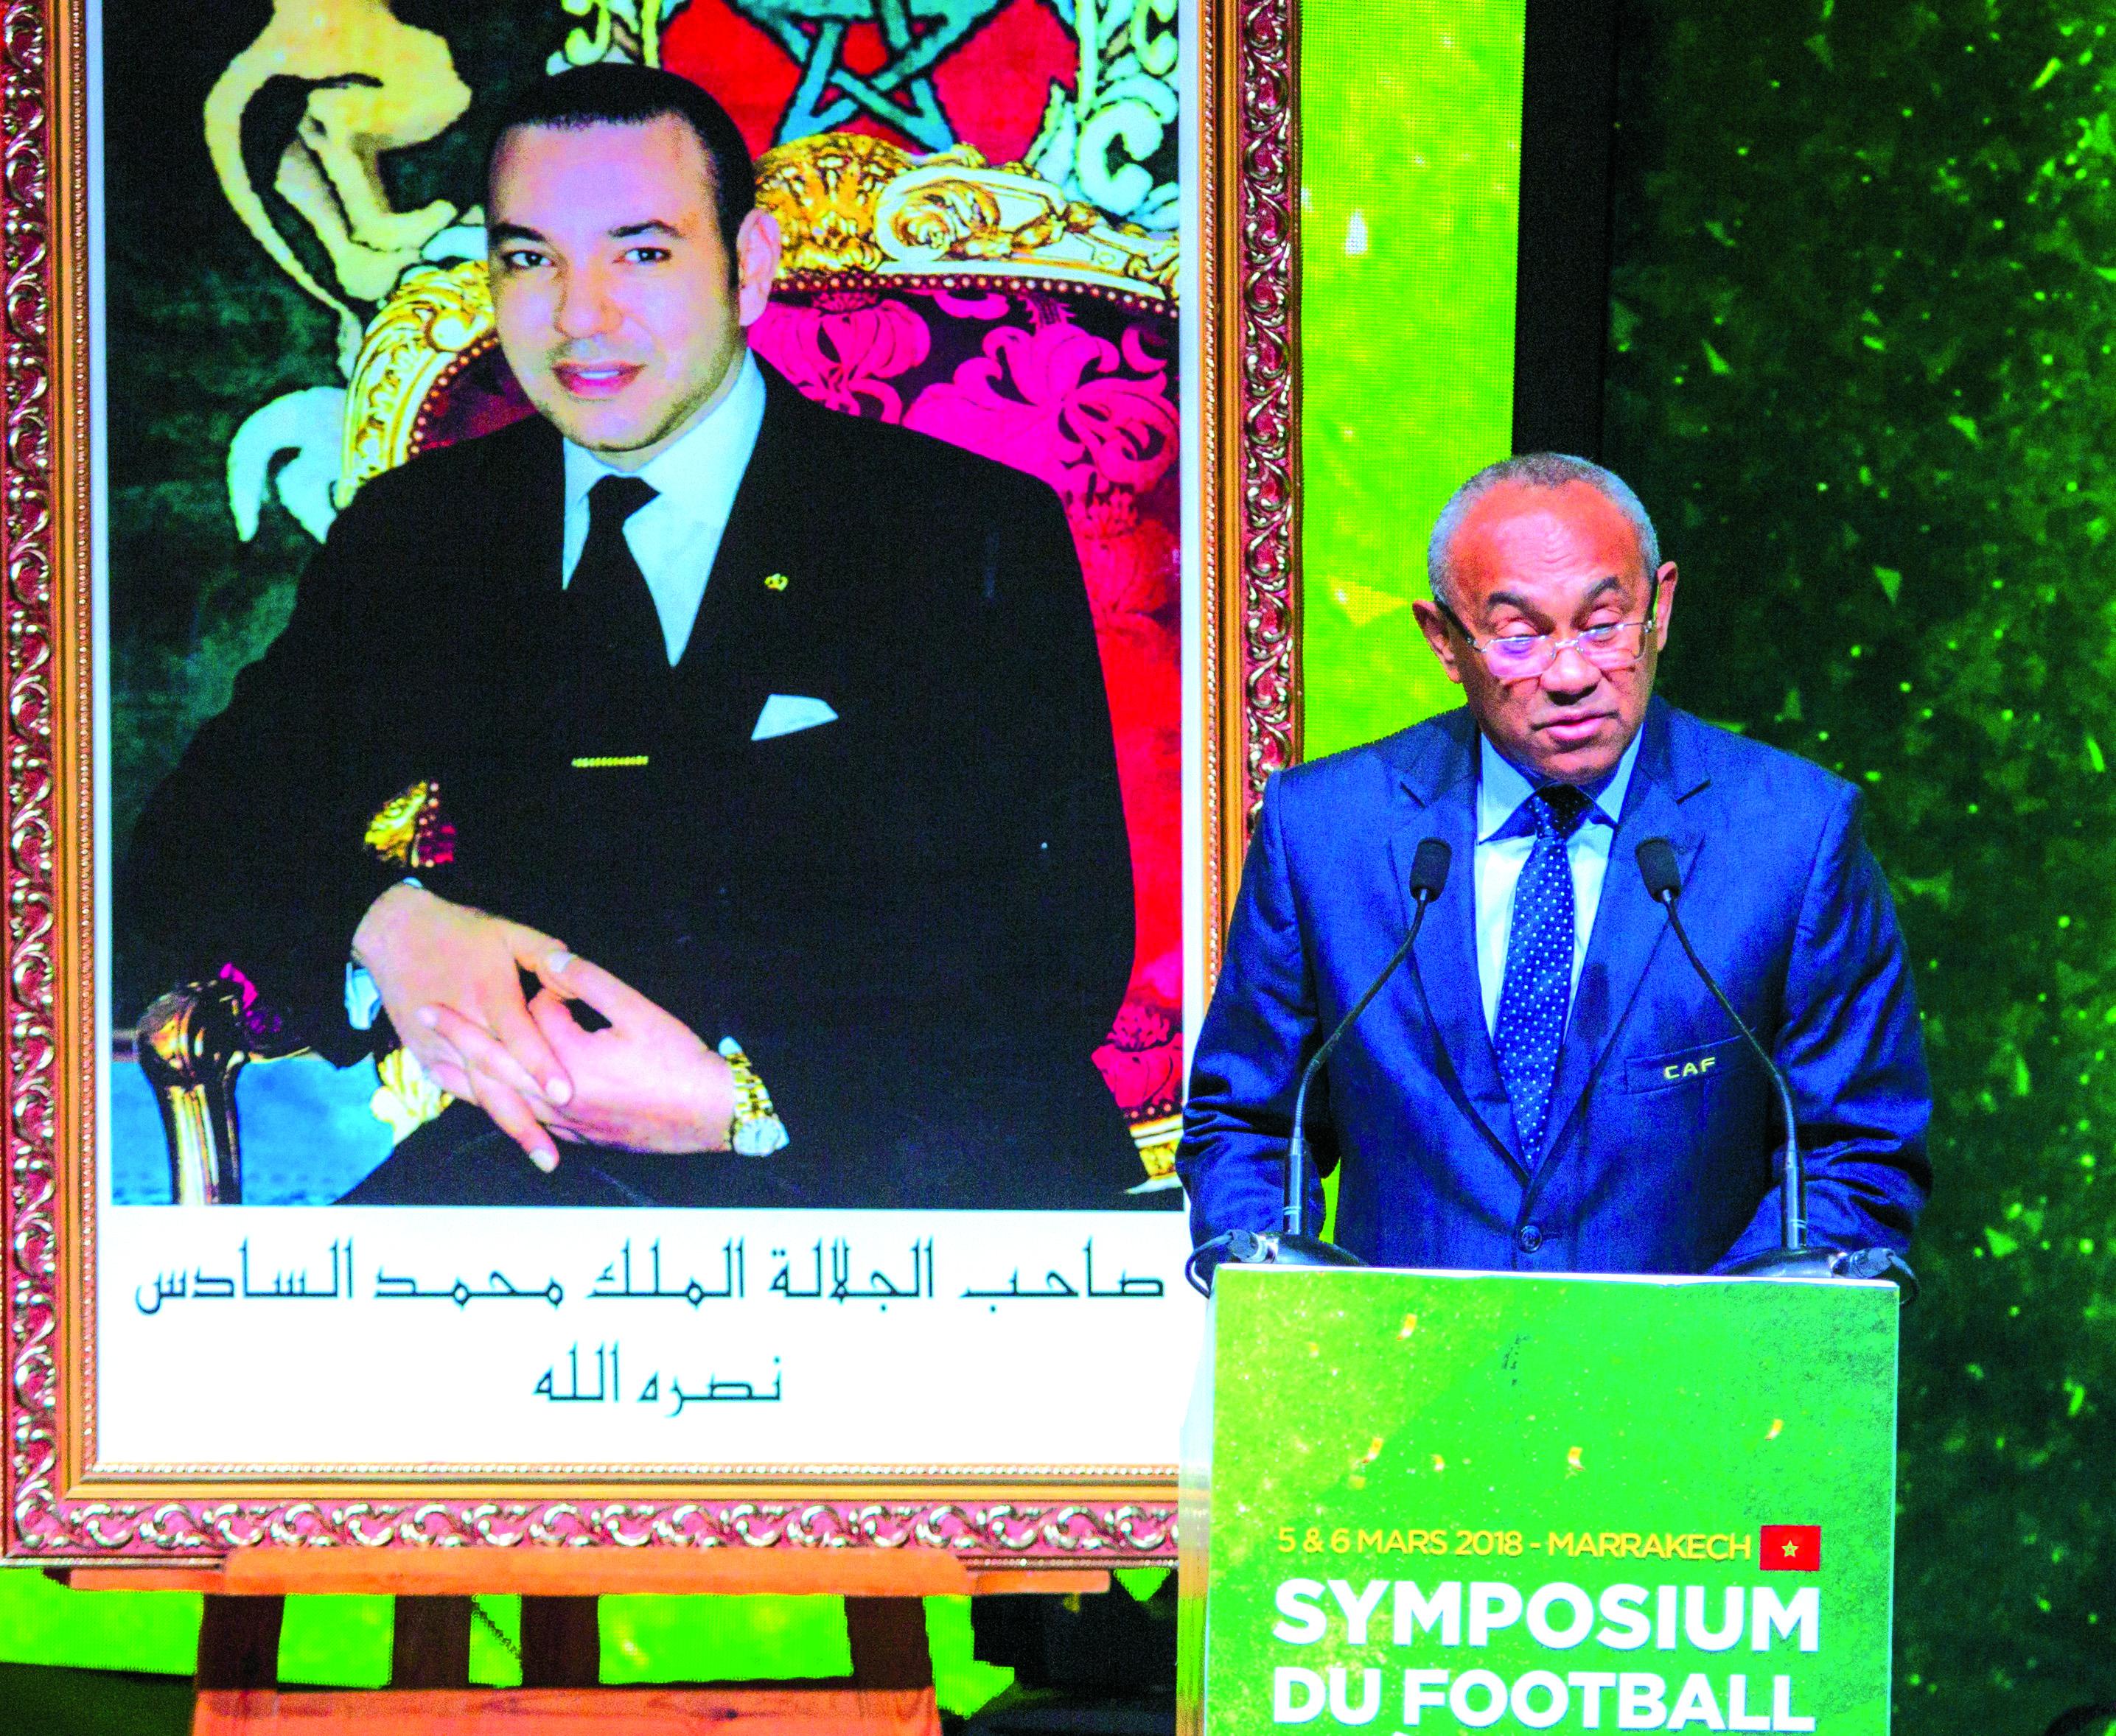 رئيس «الكاف» يكشف لـ«الأخبار» أسباب علاقته الوطيدة مع لقجع وزياراته المتكررة إلى المغرب